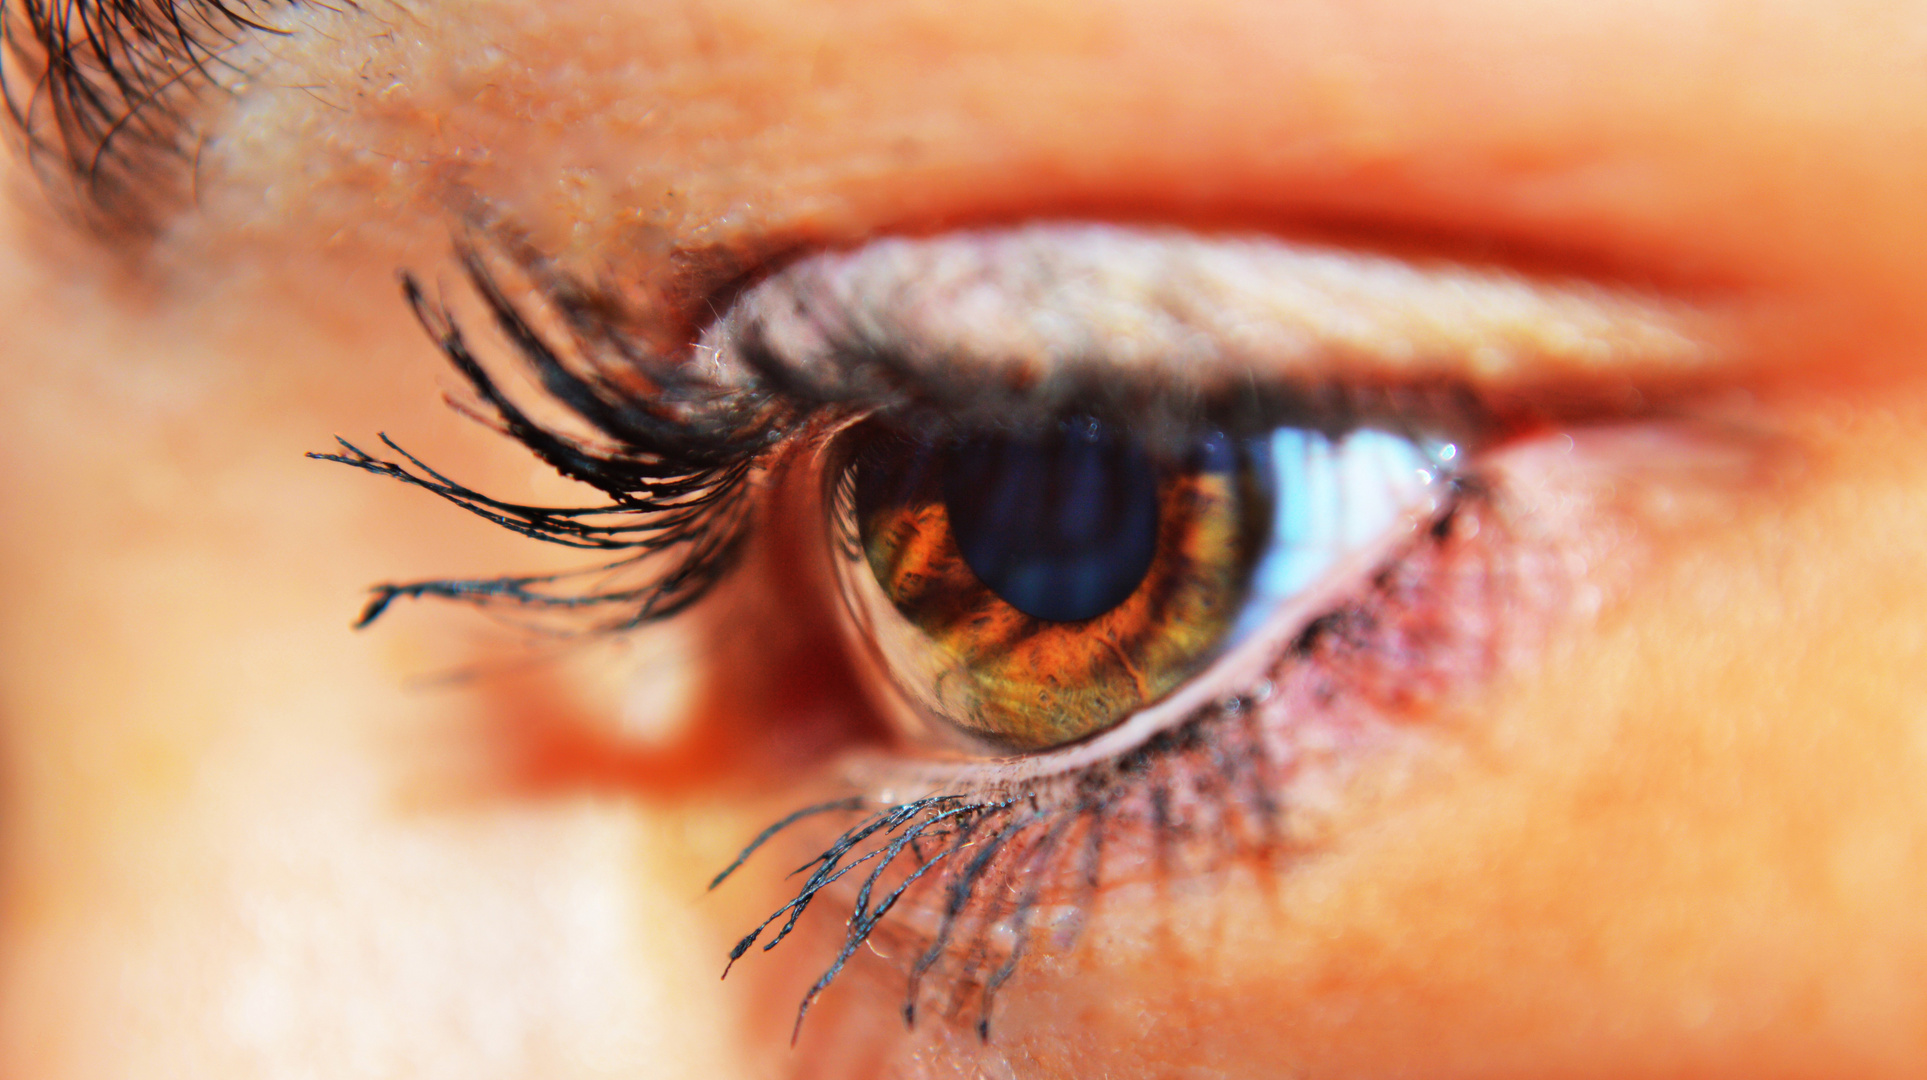 Nahaufnahme vom Auge